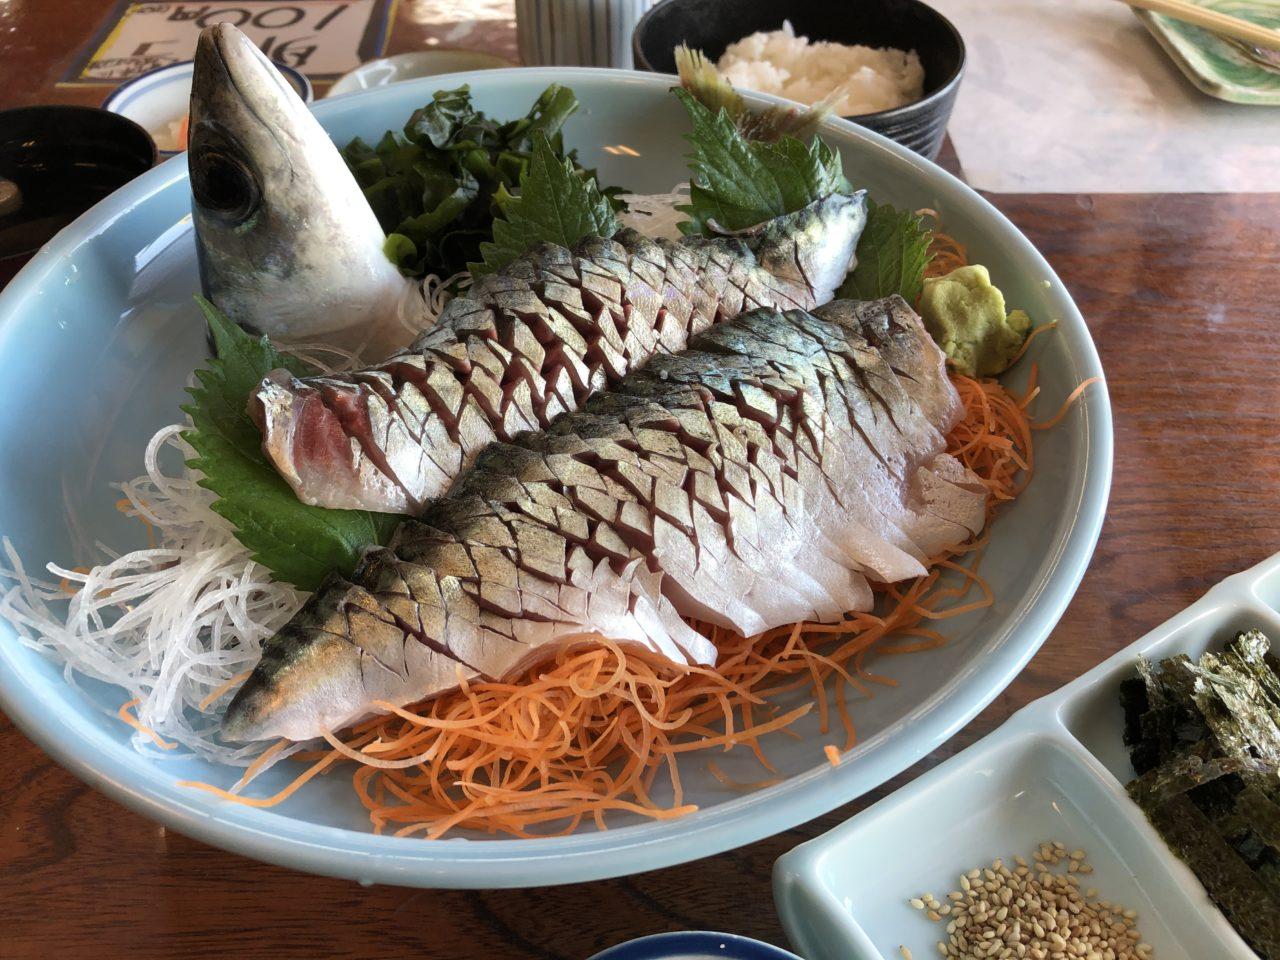 福岡グルメ情報 ランチ・デート・ファミリー利用にぴったり&最高のサバを味わえる!!西区今津の魚庄(うおしょう)大原店